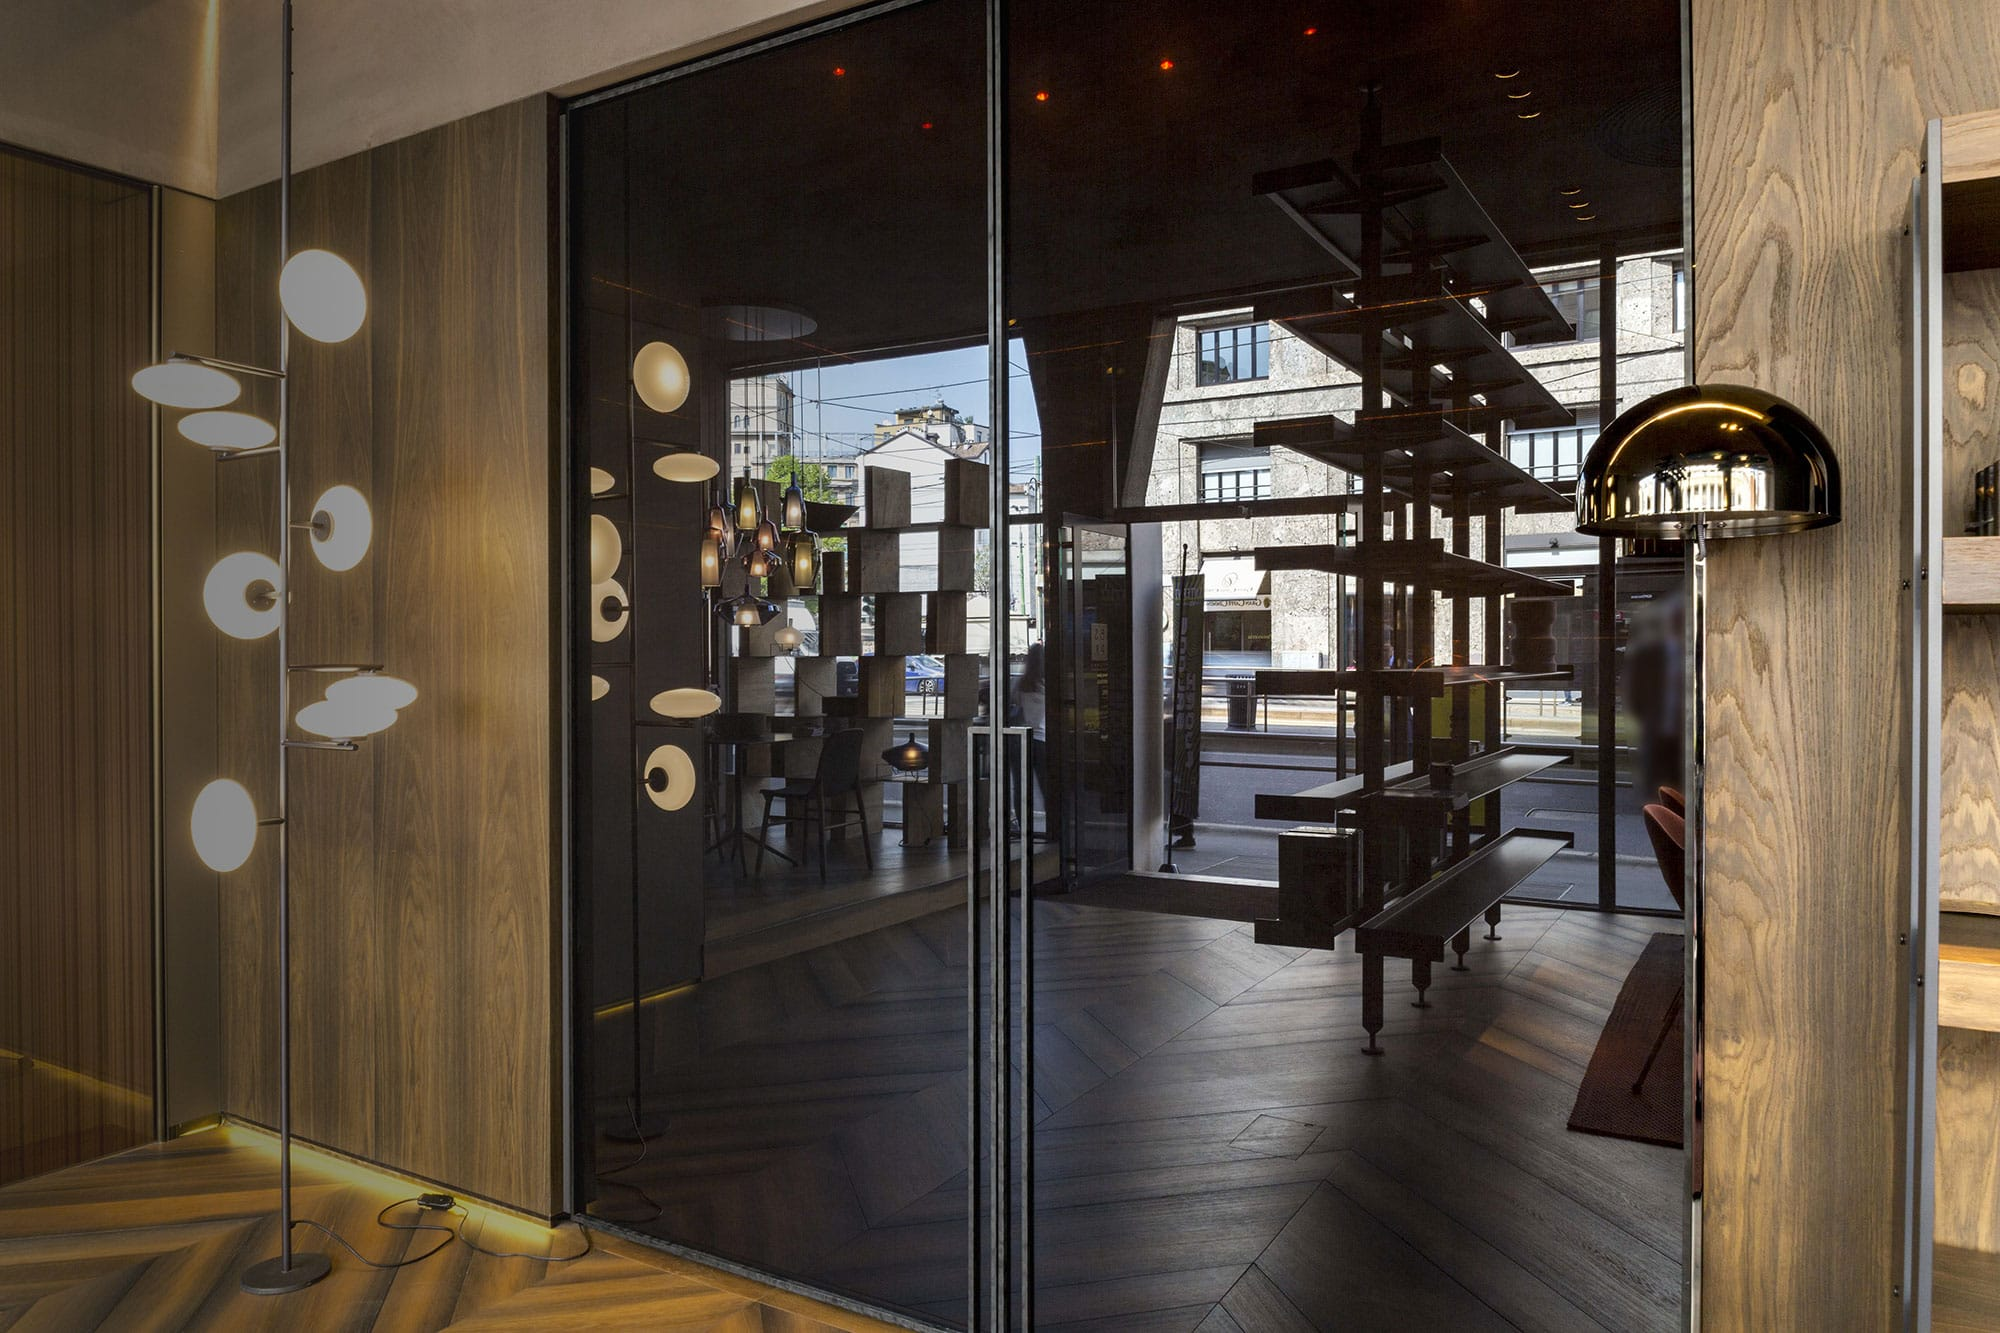 Porta Scorrevole In Vetro A Napoli.Porte In Vetro Decorate E Soluzioni Di Design Henry Glass